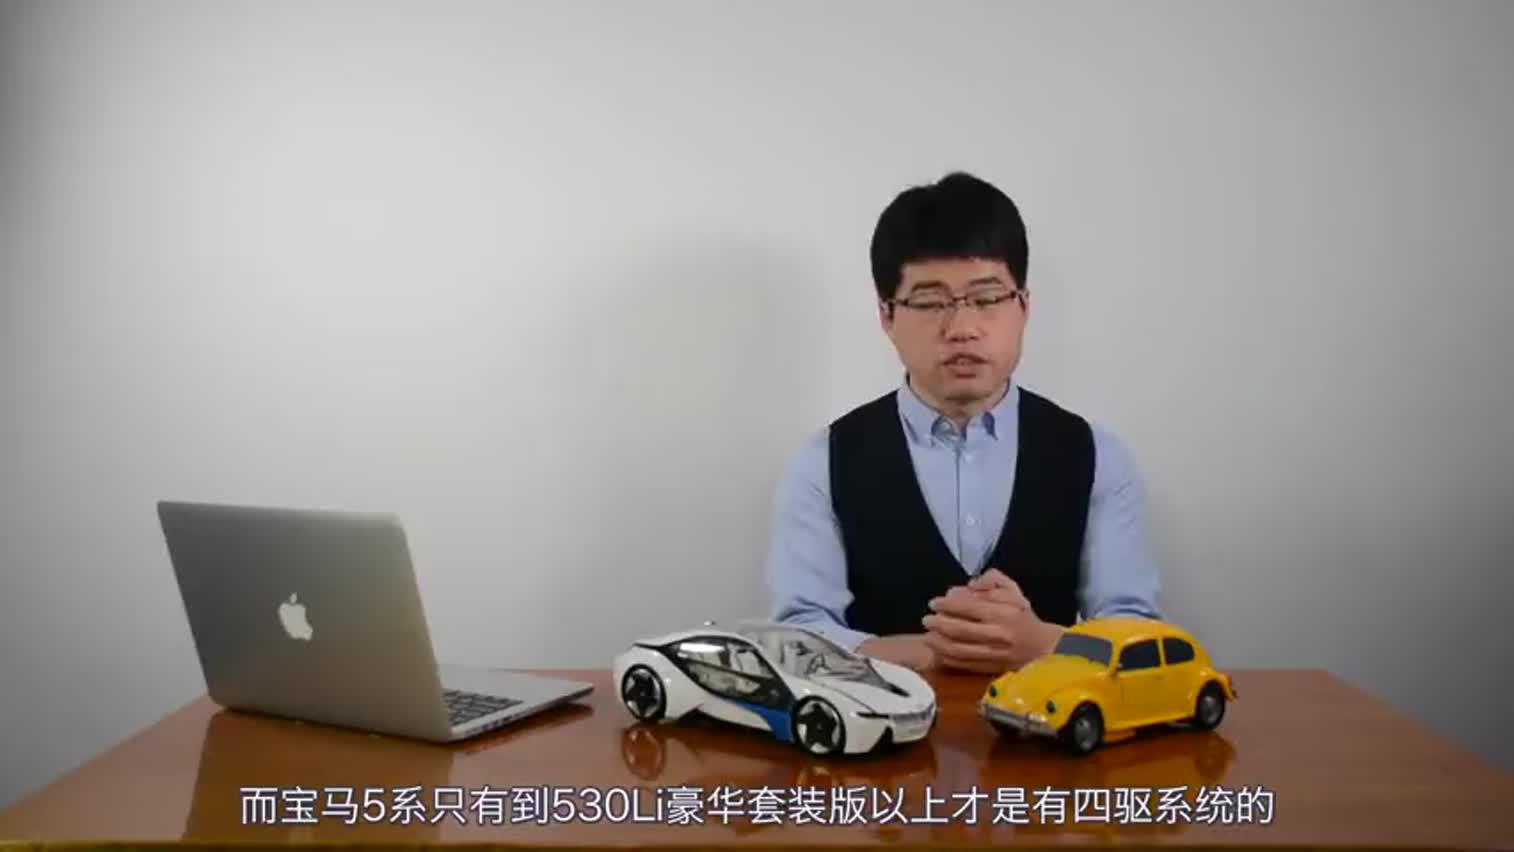 视频:入门车型的差价不超过5万元,宝马X3和宝马5系选谁?(使用  录制)